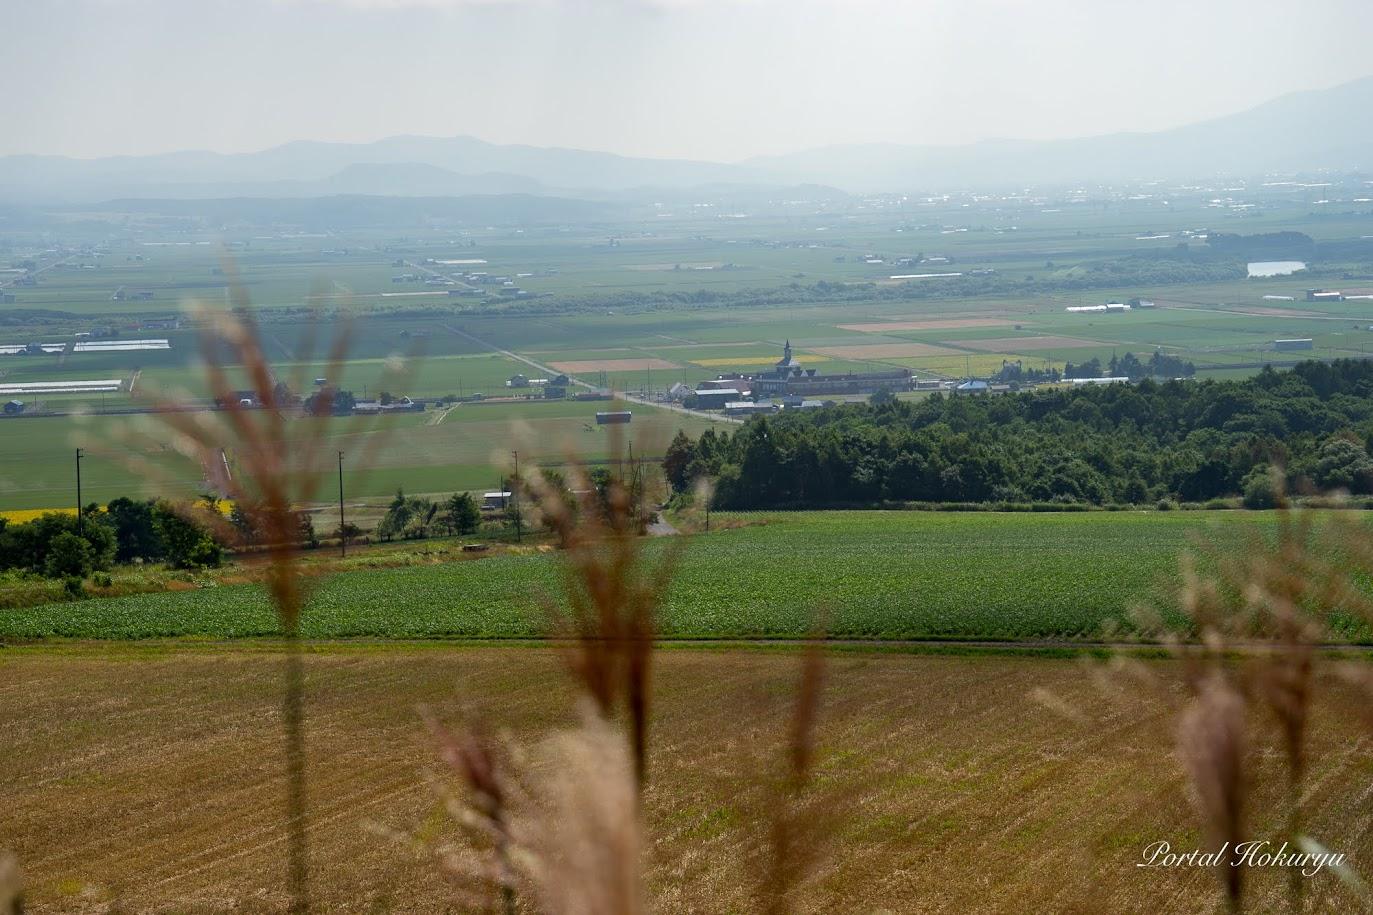 眺望の丘から北竜町を望む